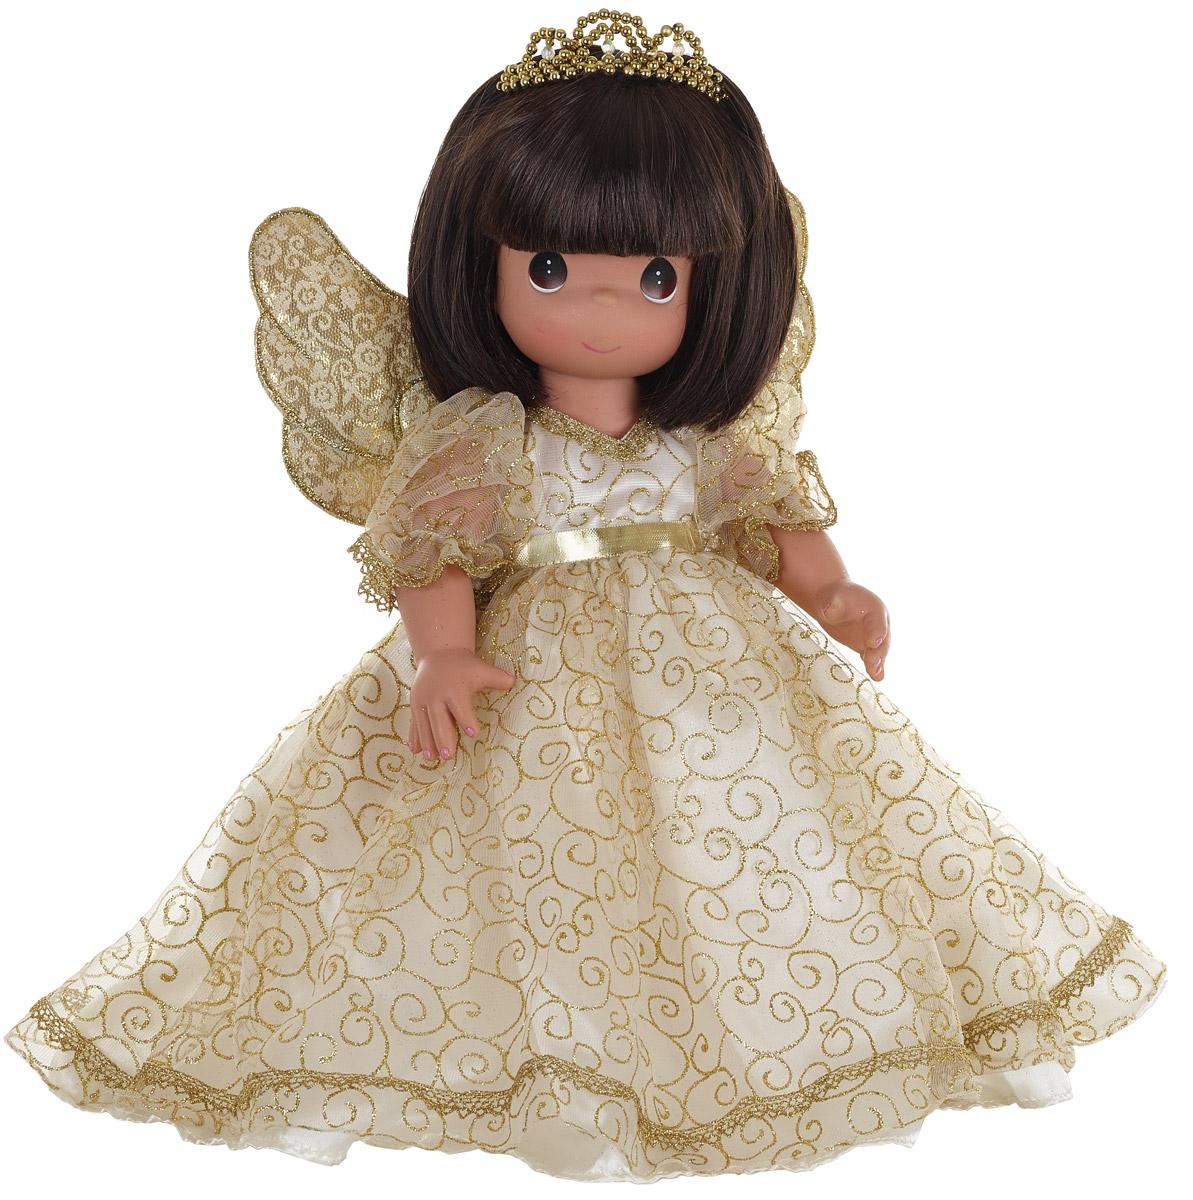 Precious Moments Кукла Ангельский шепот брюнетка6554Коллекция кукол Precious Moments высотой 30 см насчитывает на сегодняшний день более 600 видов. Куклы изготавливаются целиком из винила и имеют пять базовых точек артикуляции. Каждый год в коллекцию добавляются все новые и новые модели. Каждая кукла имеет свой неповторимый образ и характер. Она - хранитель драгоценных моментов – может быть подарком на память о каком-либо событии в жизни. Куклы выполнены с любовью и нежностью, которую дарит нам известная волшебница – создатель кукол Линда Рик!